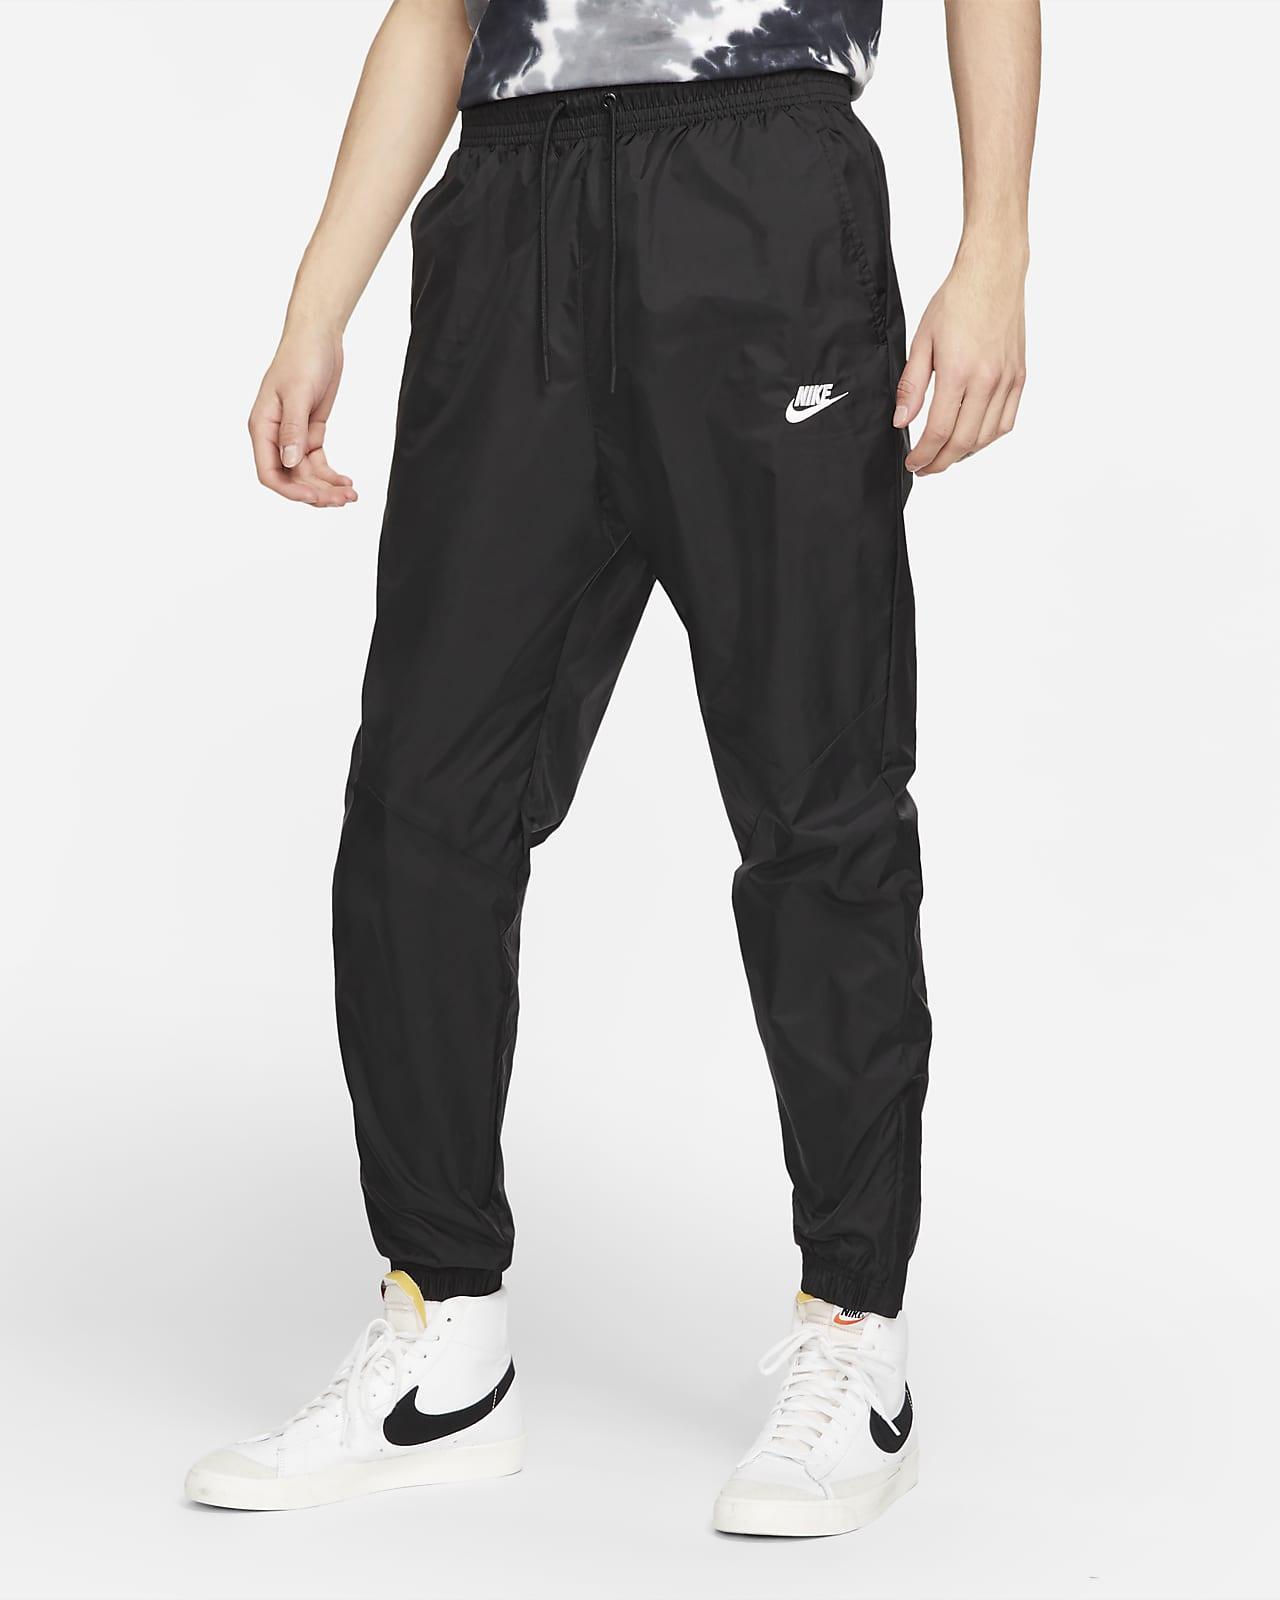 Pantalones de entrenamiento para hombre Nike Sportswear Windrunner